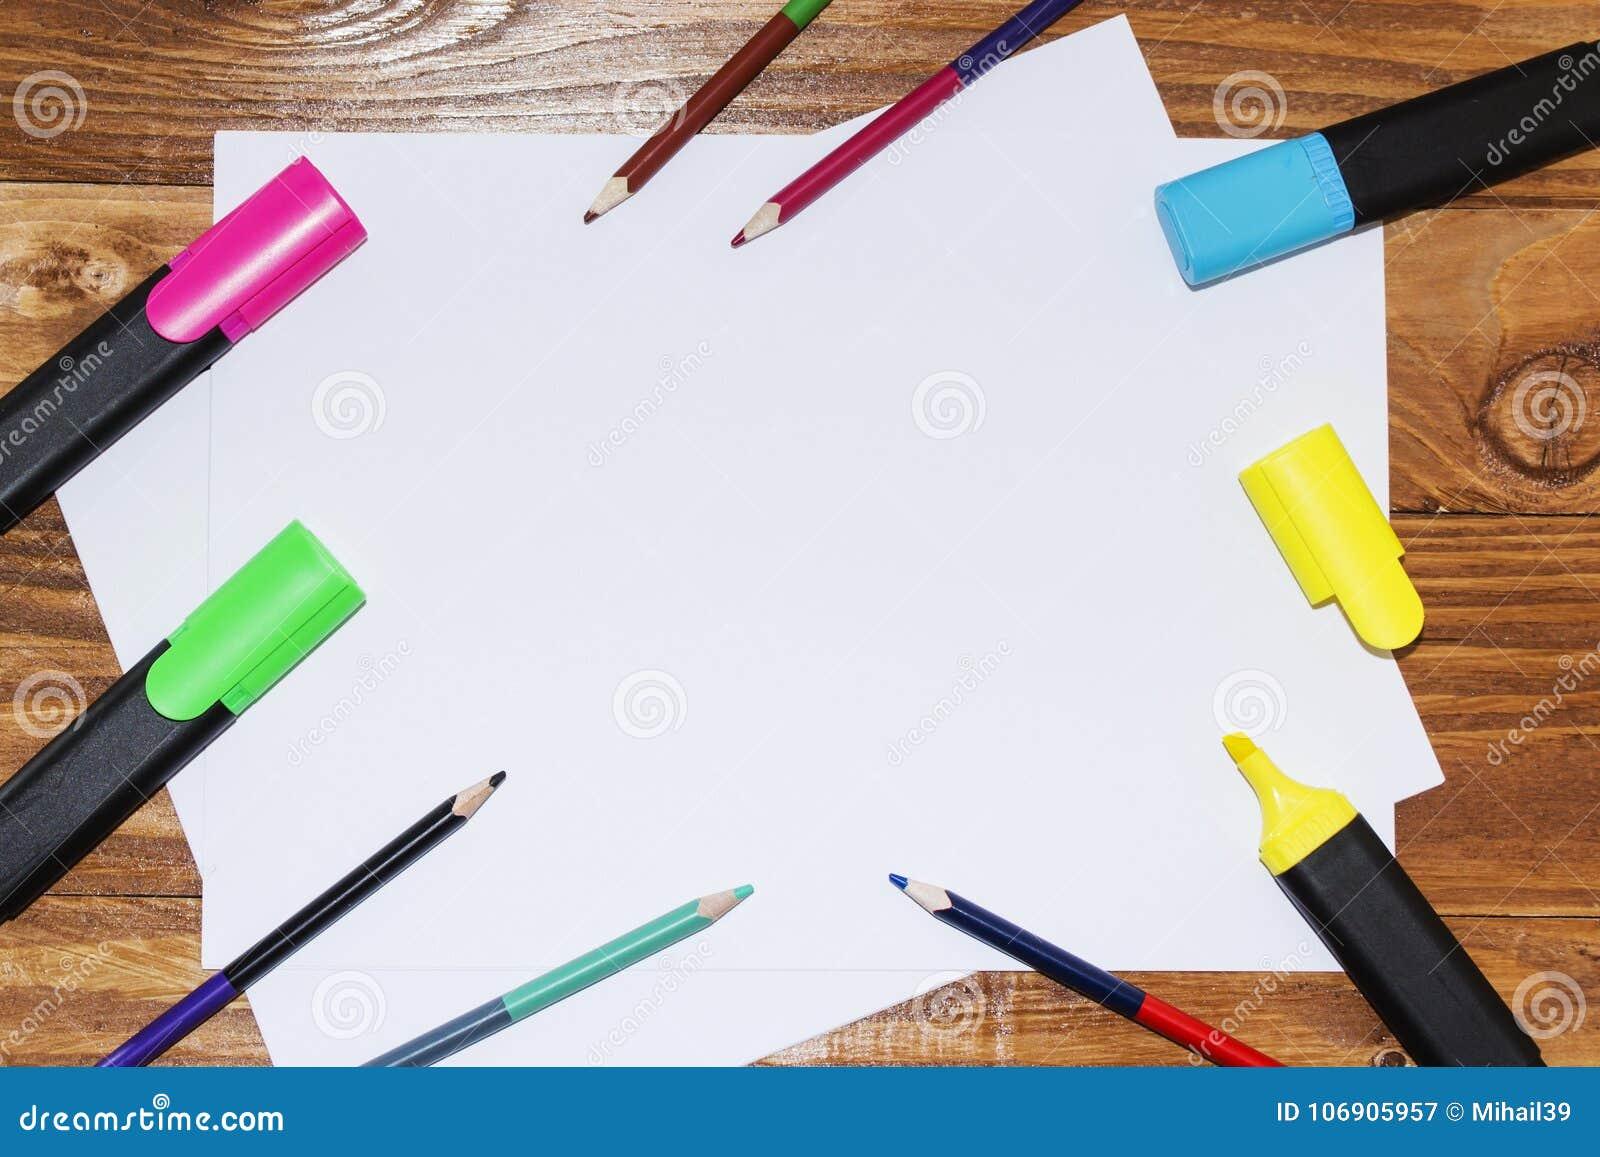 Biały prześcieradło papier kłaść na drewnianym stole, blisko, ołówki, markiery, pióra najlepszy widok